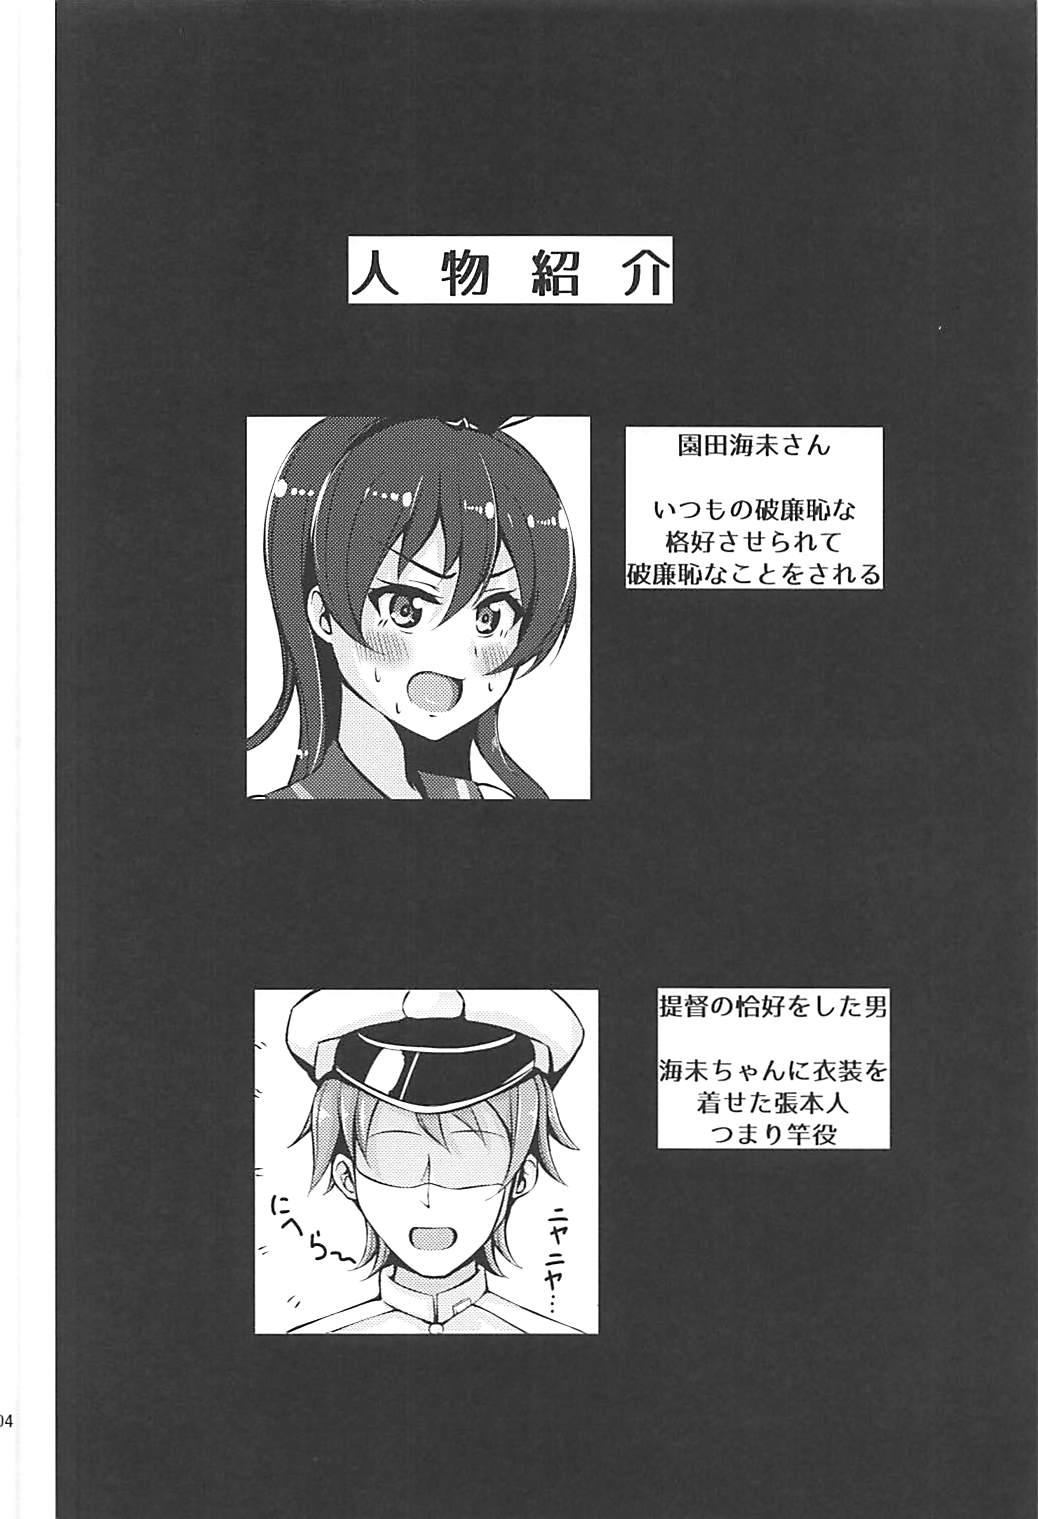 【ラブライブ! エロ漫画・エロ同人】園田海未ちゃんが島風のコスプレをさせられて、『かけっこ』で勝負!! (3)